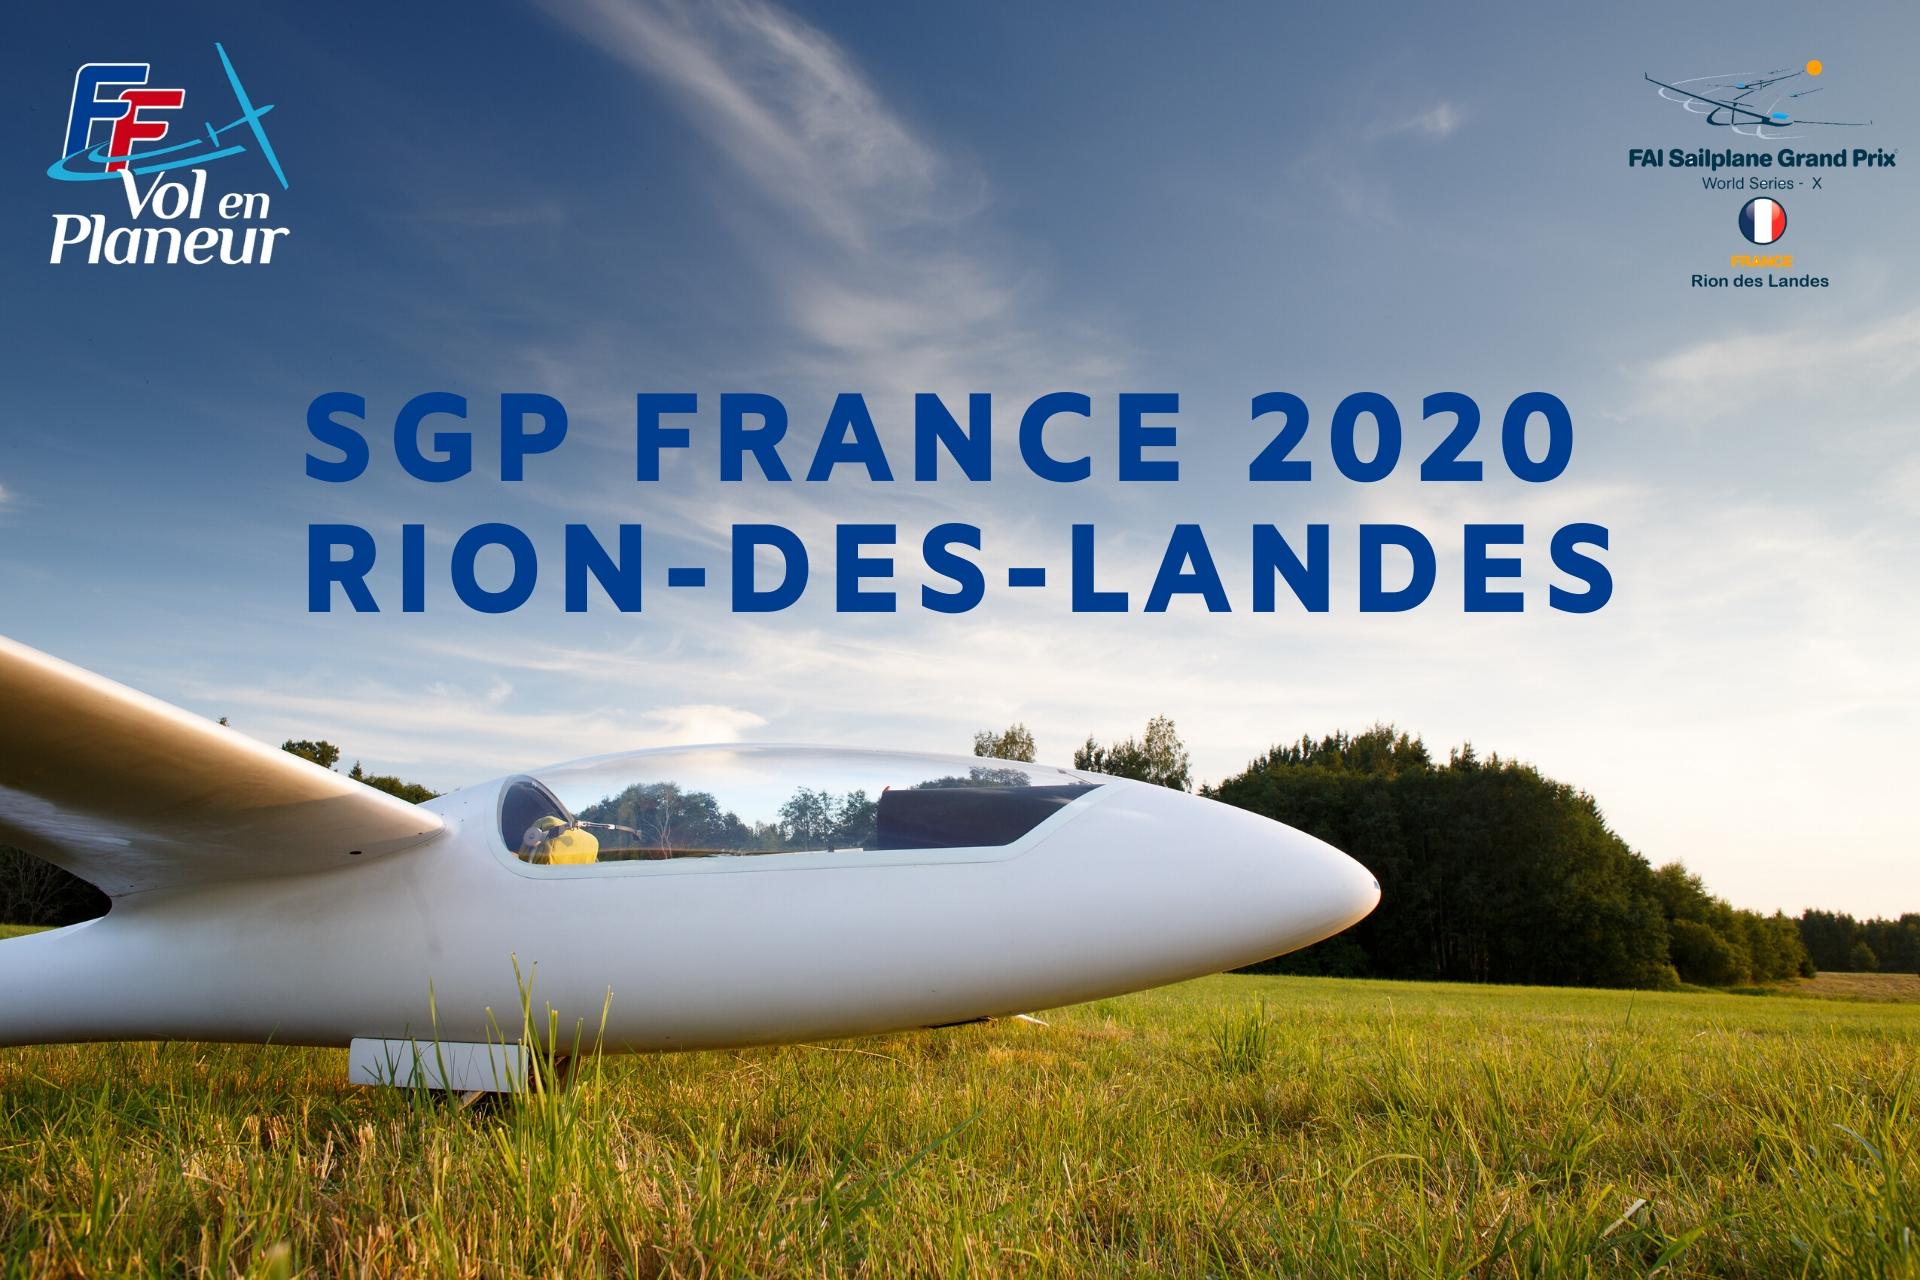 SGP France 2020 – Rion-des-Landes